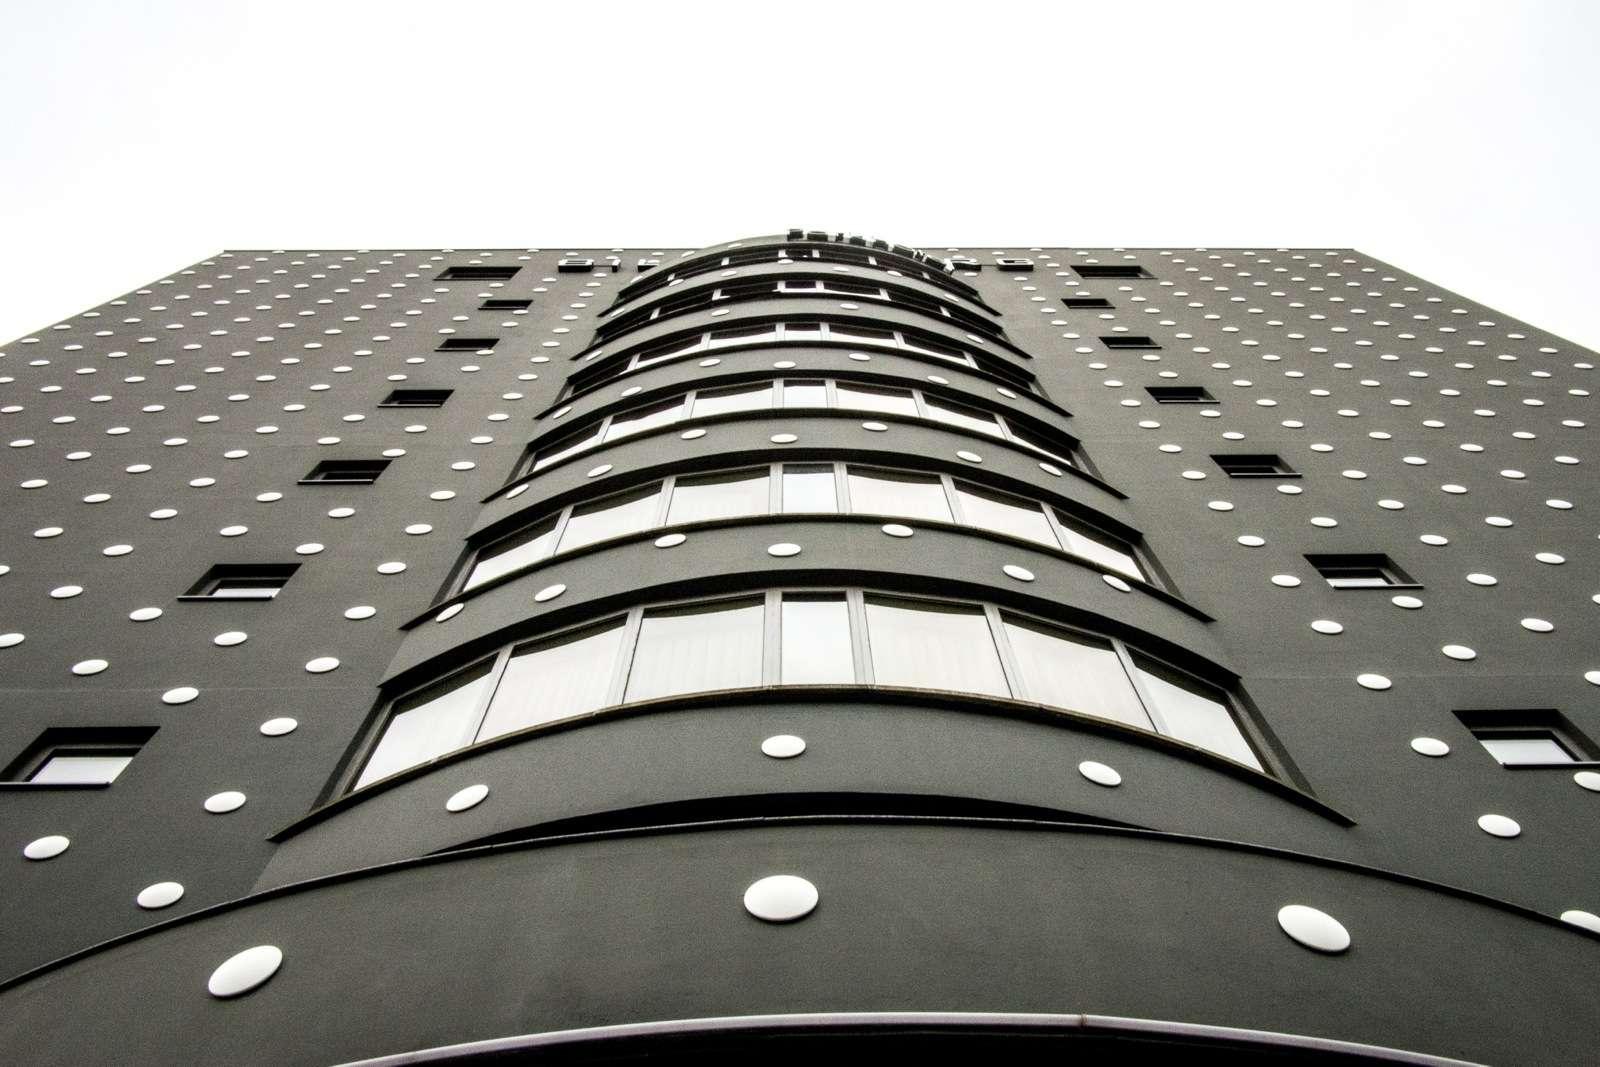 The Individual Parallel – Bilderberg Utopia van Willem Oorebeek